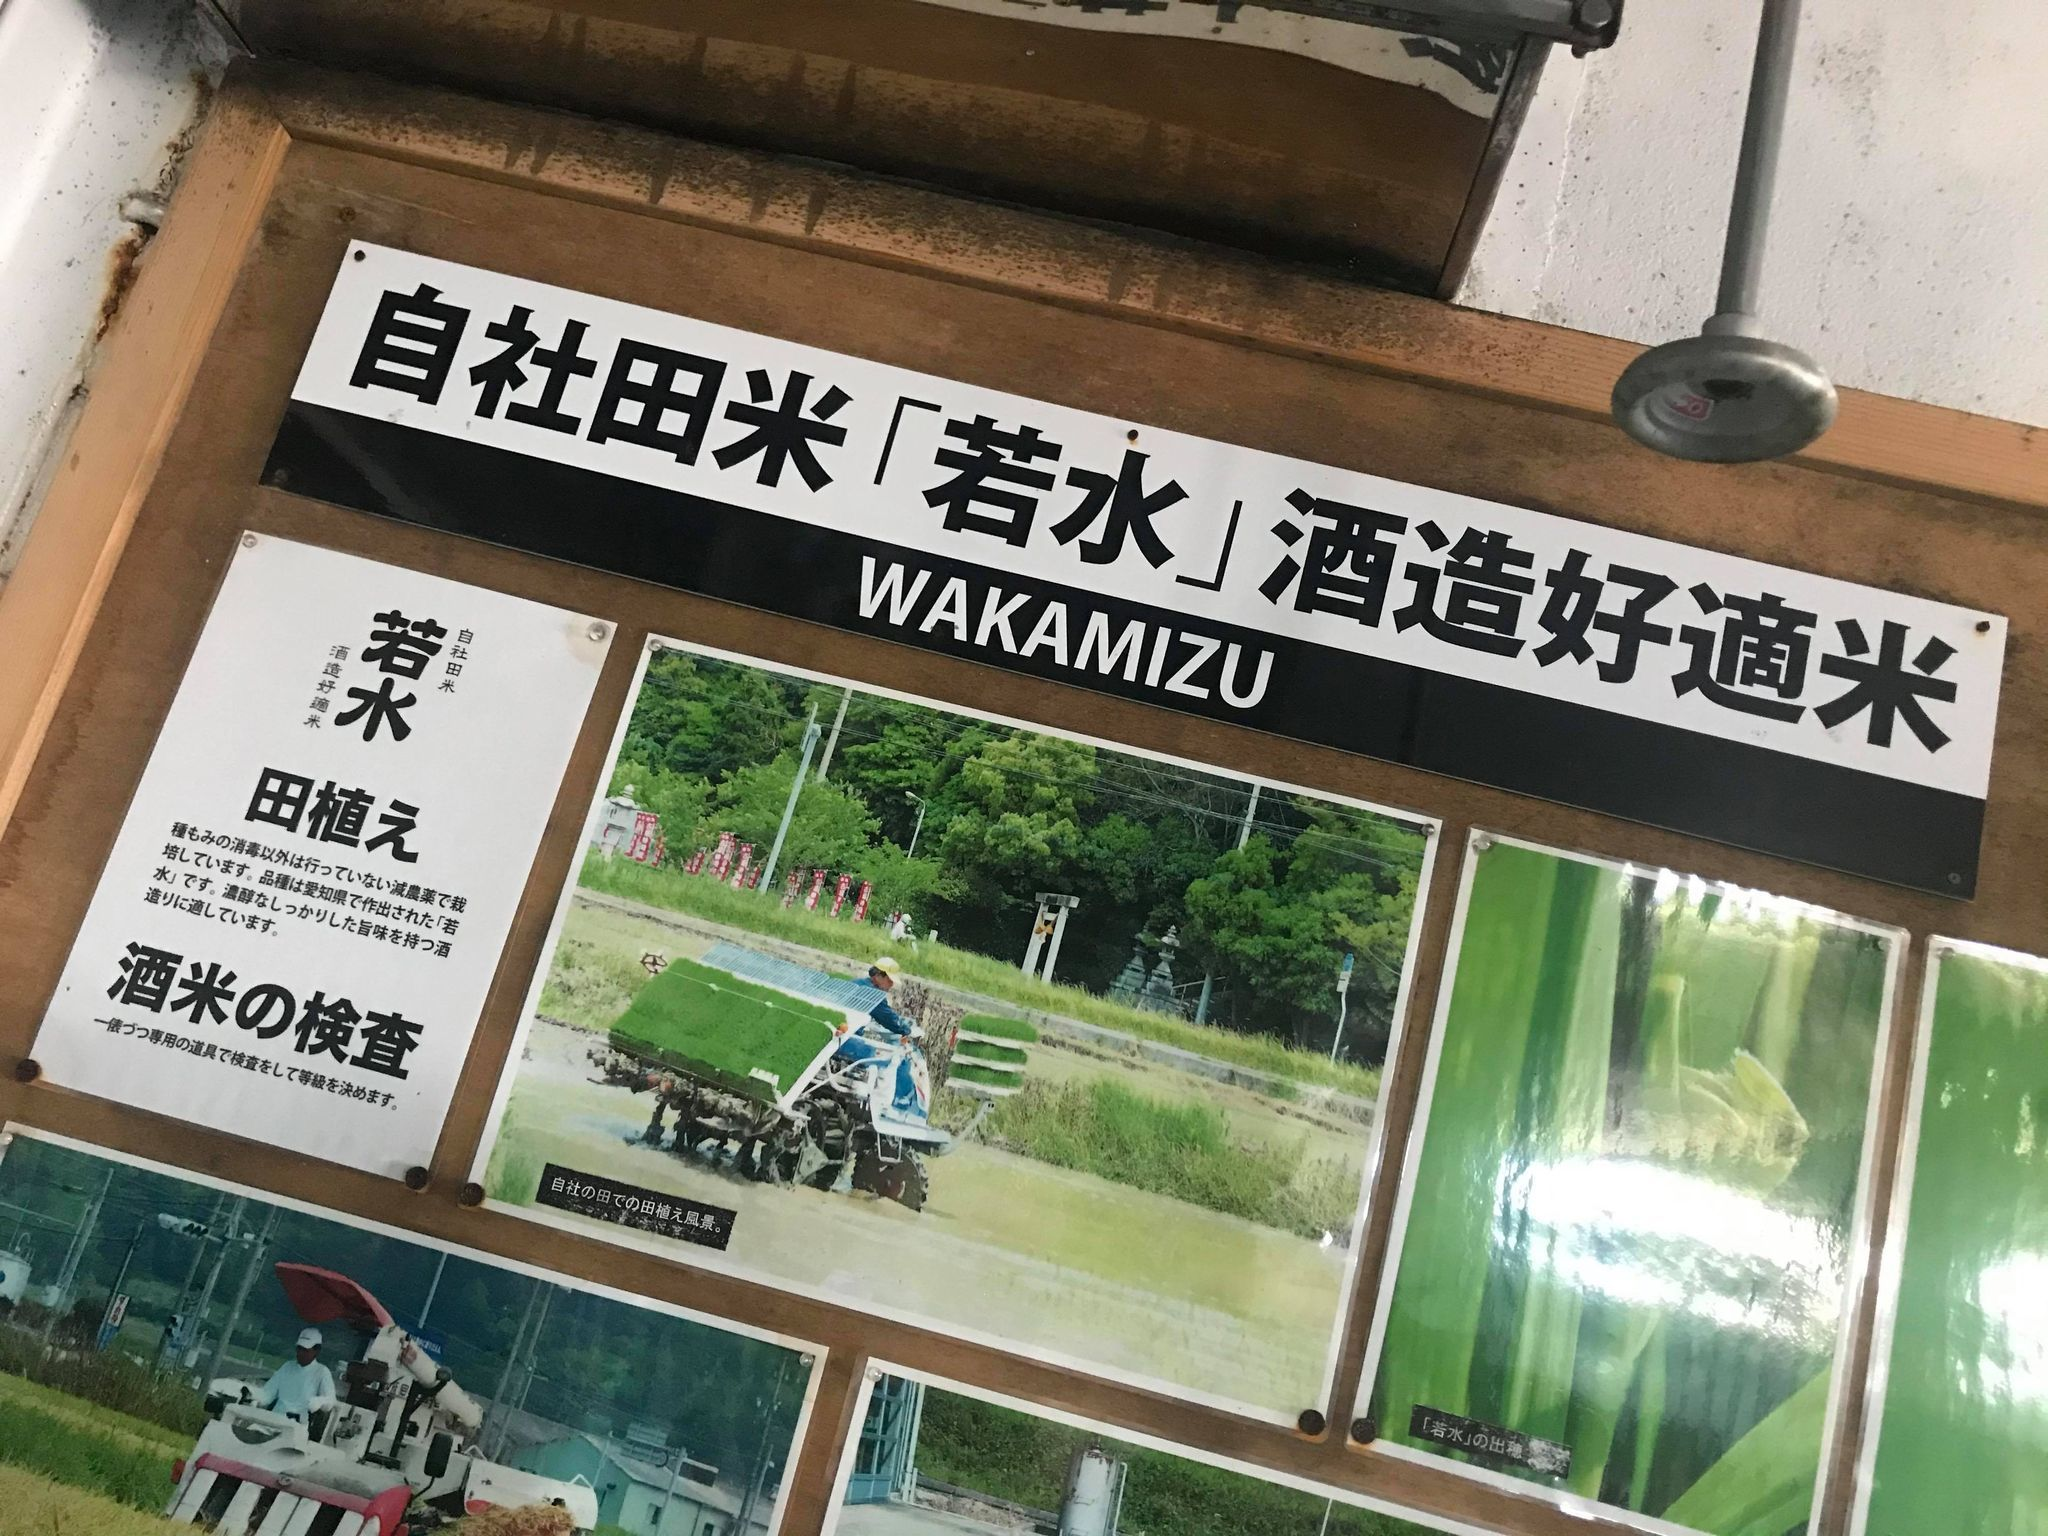 【蔵元訪問】白老=HAKUROU=SHIRAOI=ポテンシャル無限大∞_e0173738_09261987.jpg